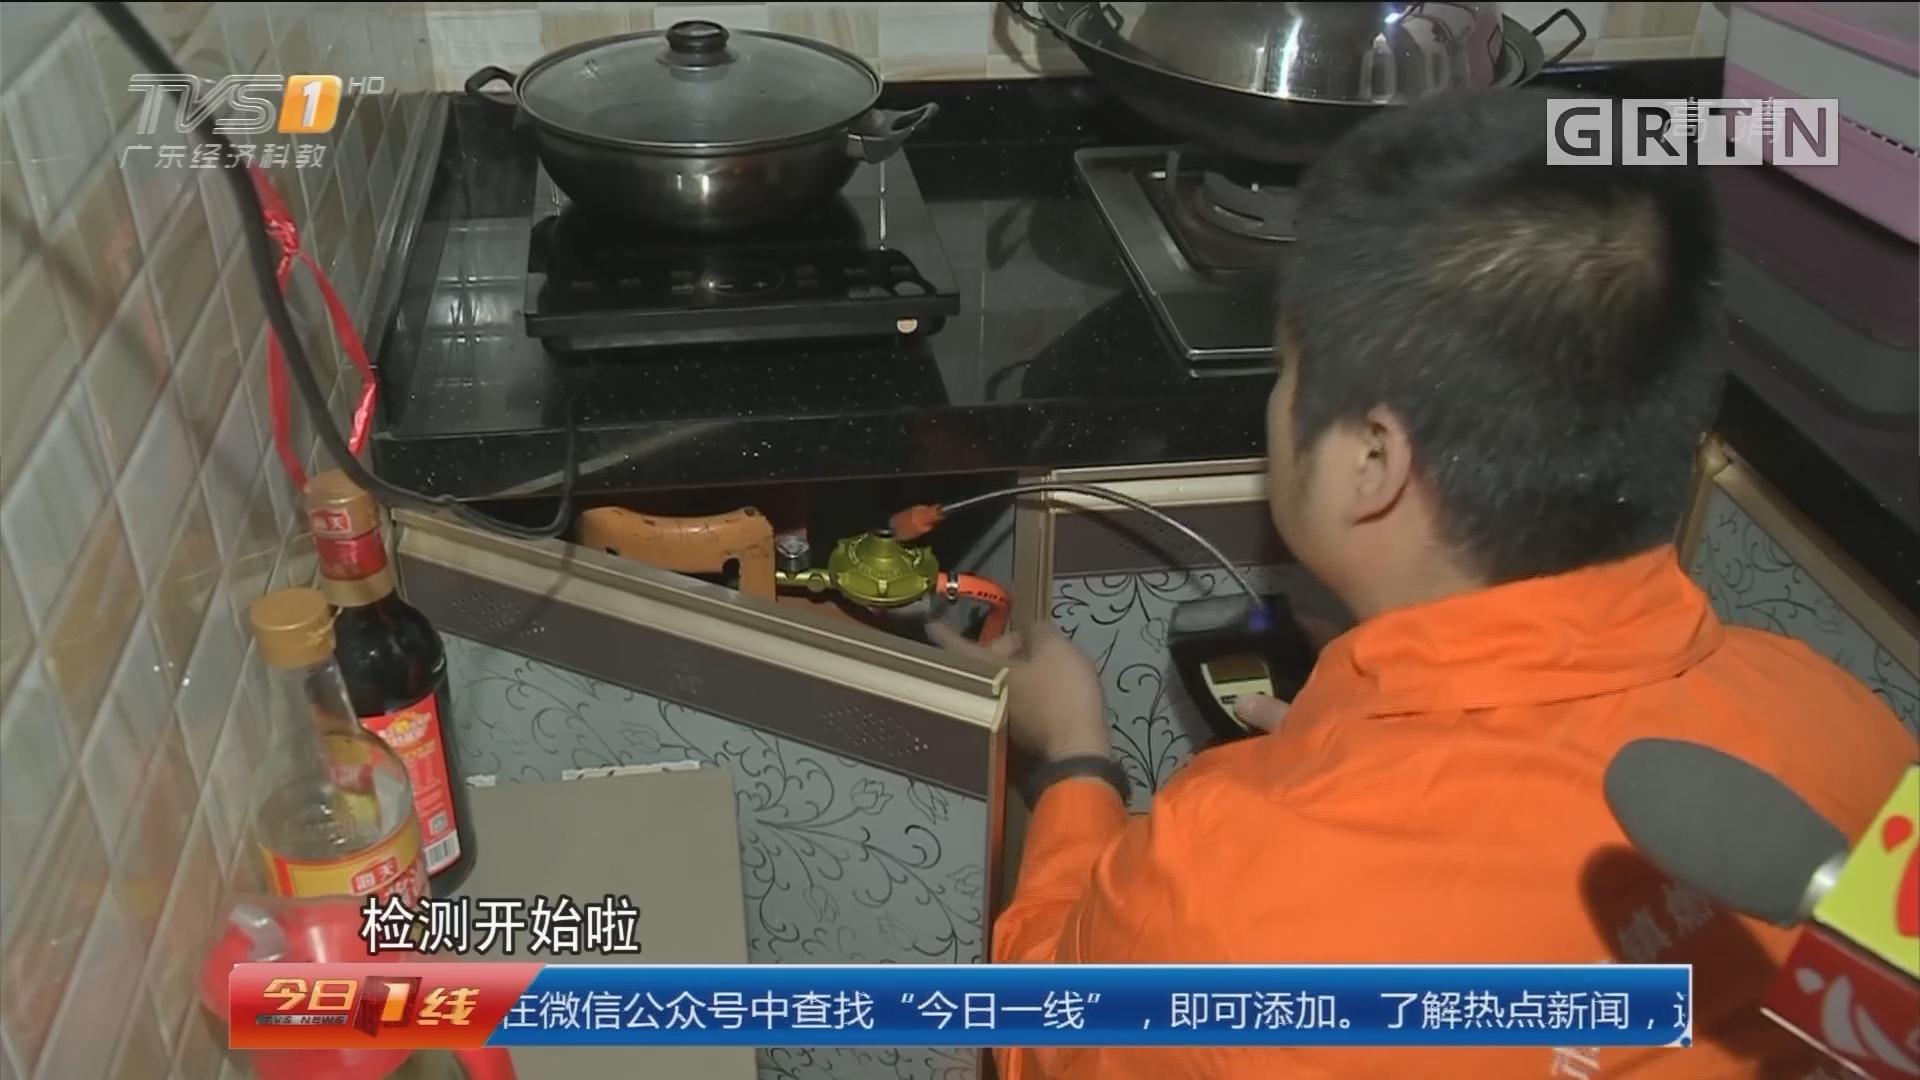 关注用气安全:厨房用气 要小心哪些安全隐患?